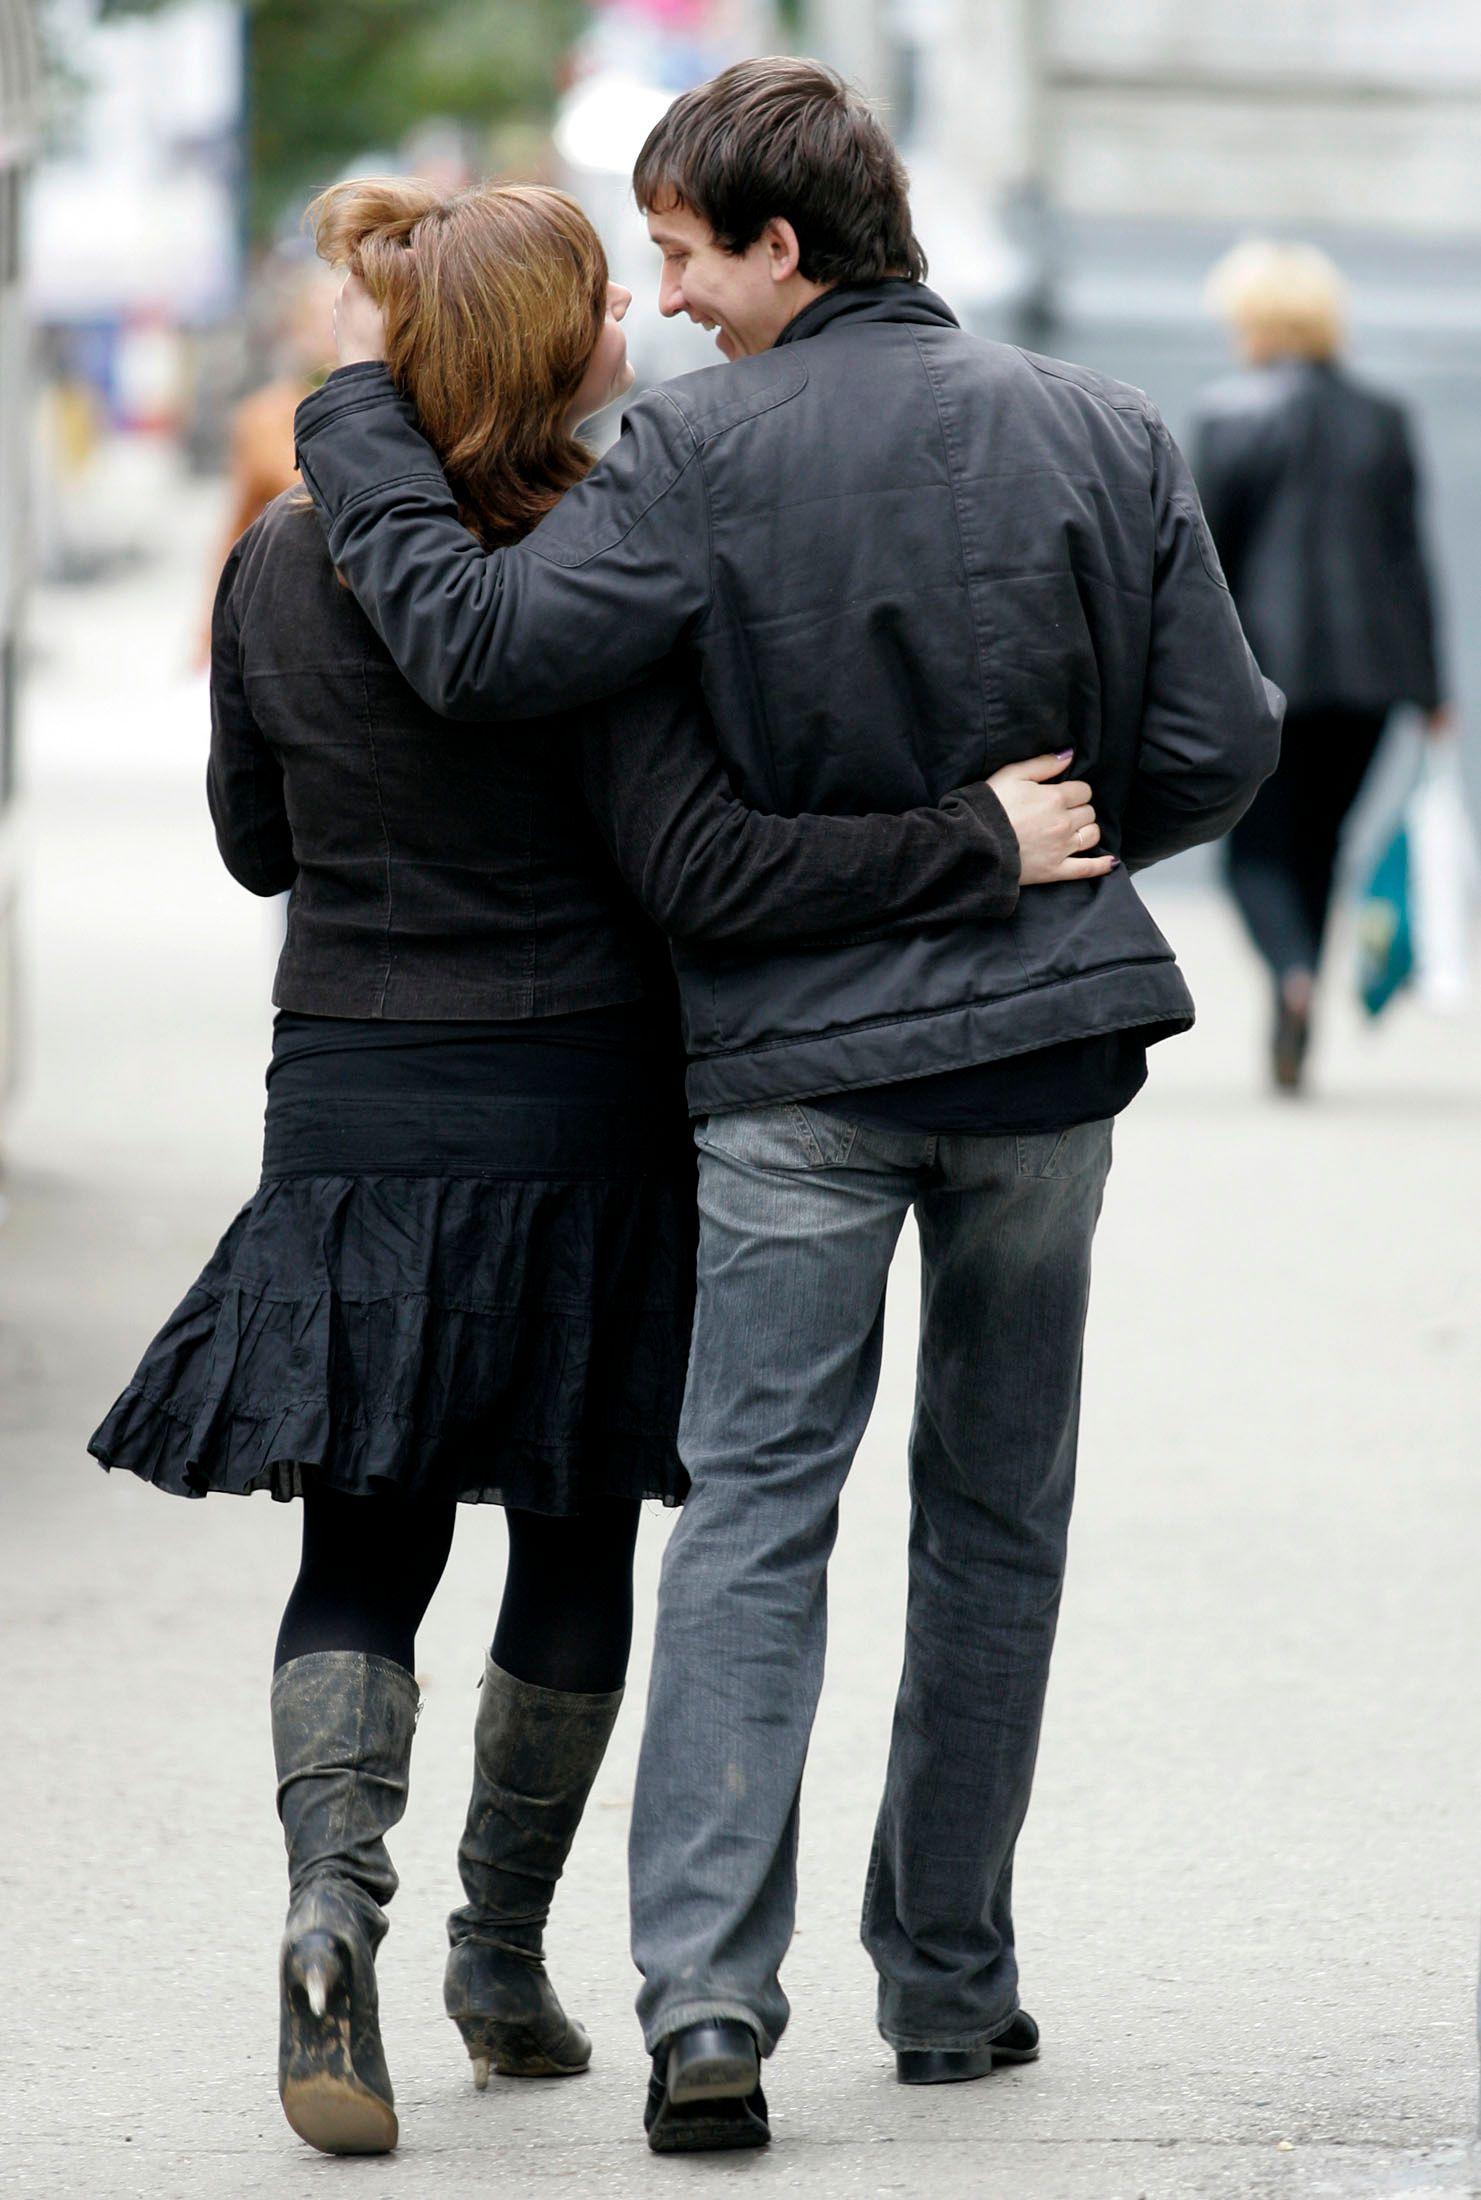 Y-a-t-il une asymétrie du couple face au désir ?